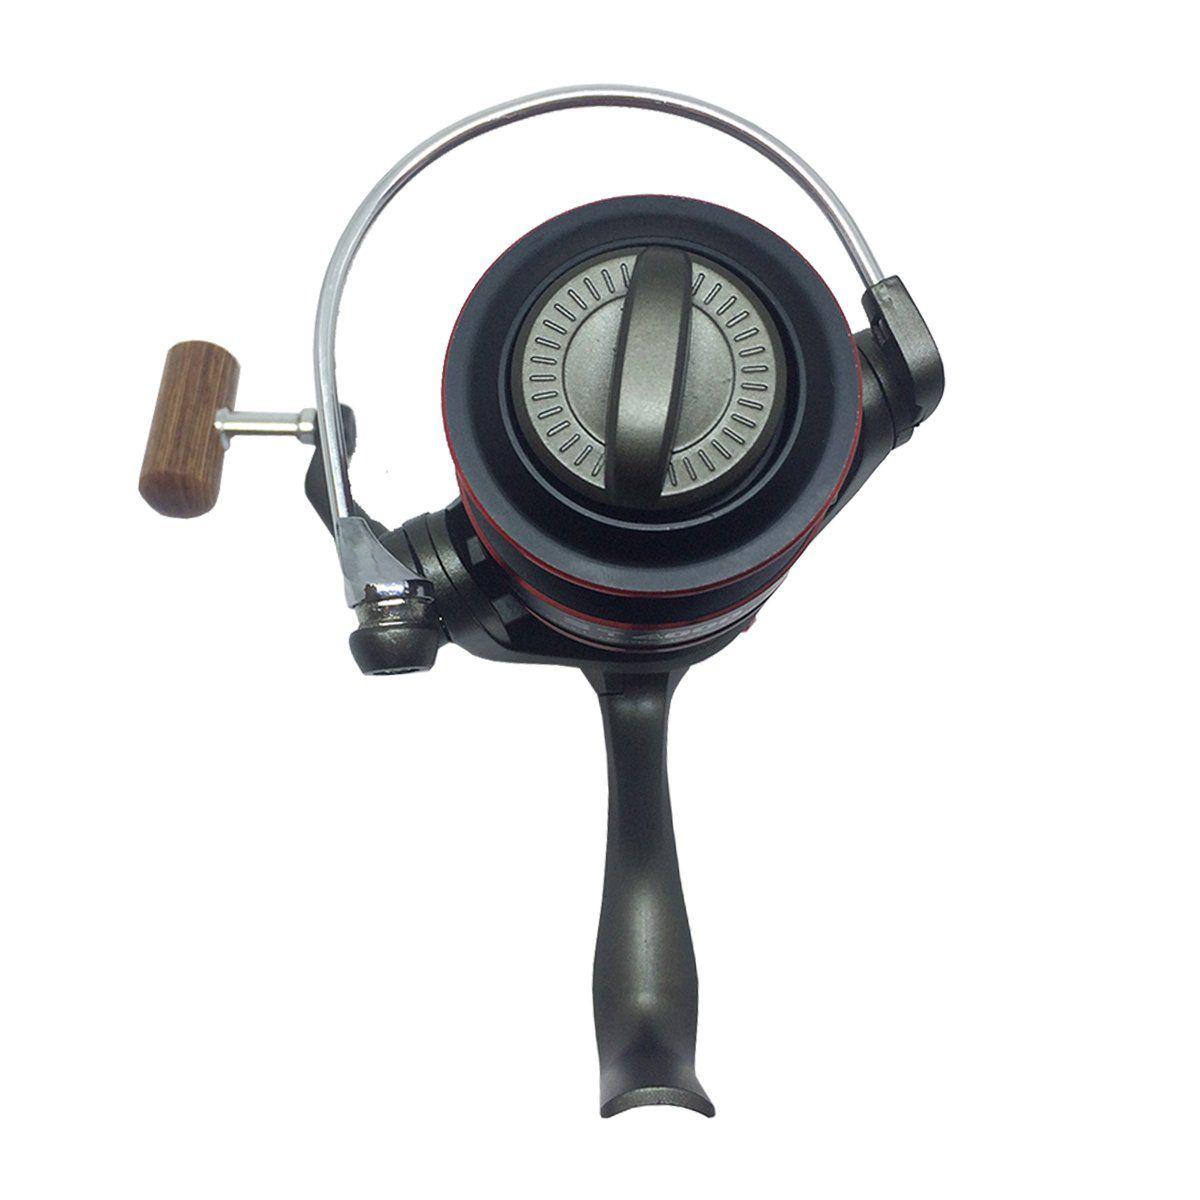 Molinete Saint Plus Saturno 2000 Fricção Dianteira - 4 Rolamentos